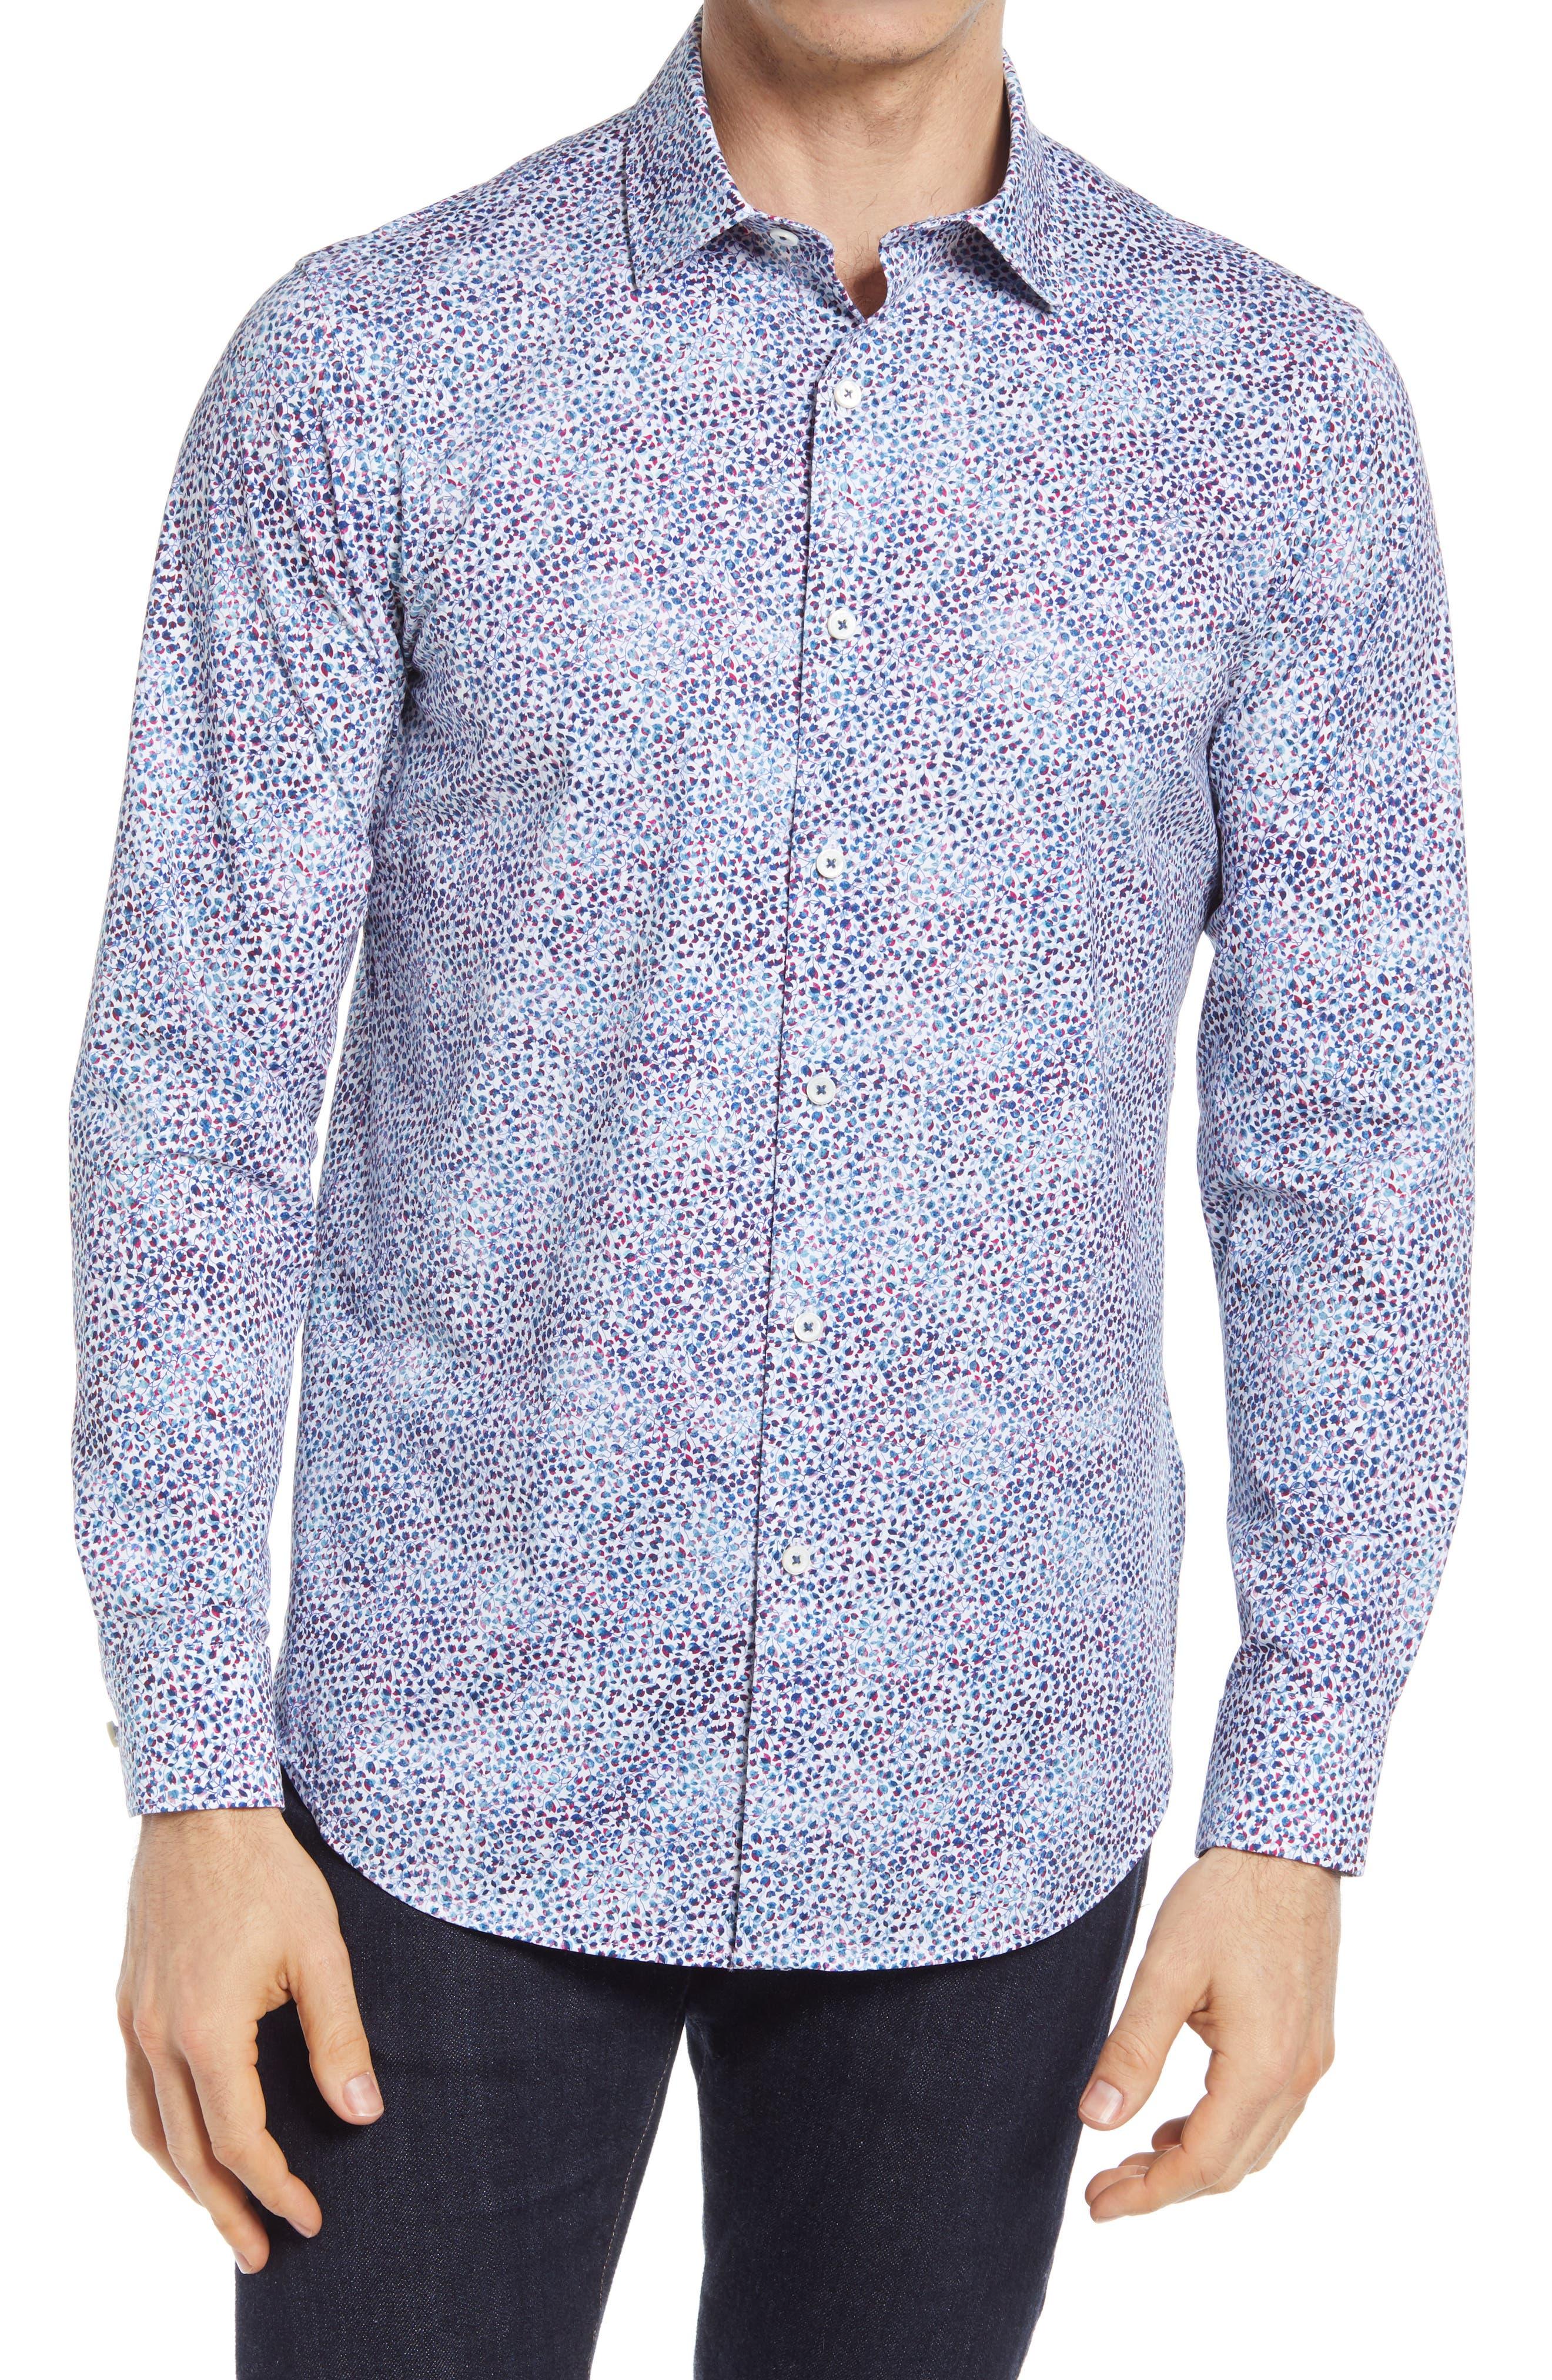 Ooohcotton Tech Floral Knit Button-Up Shirt